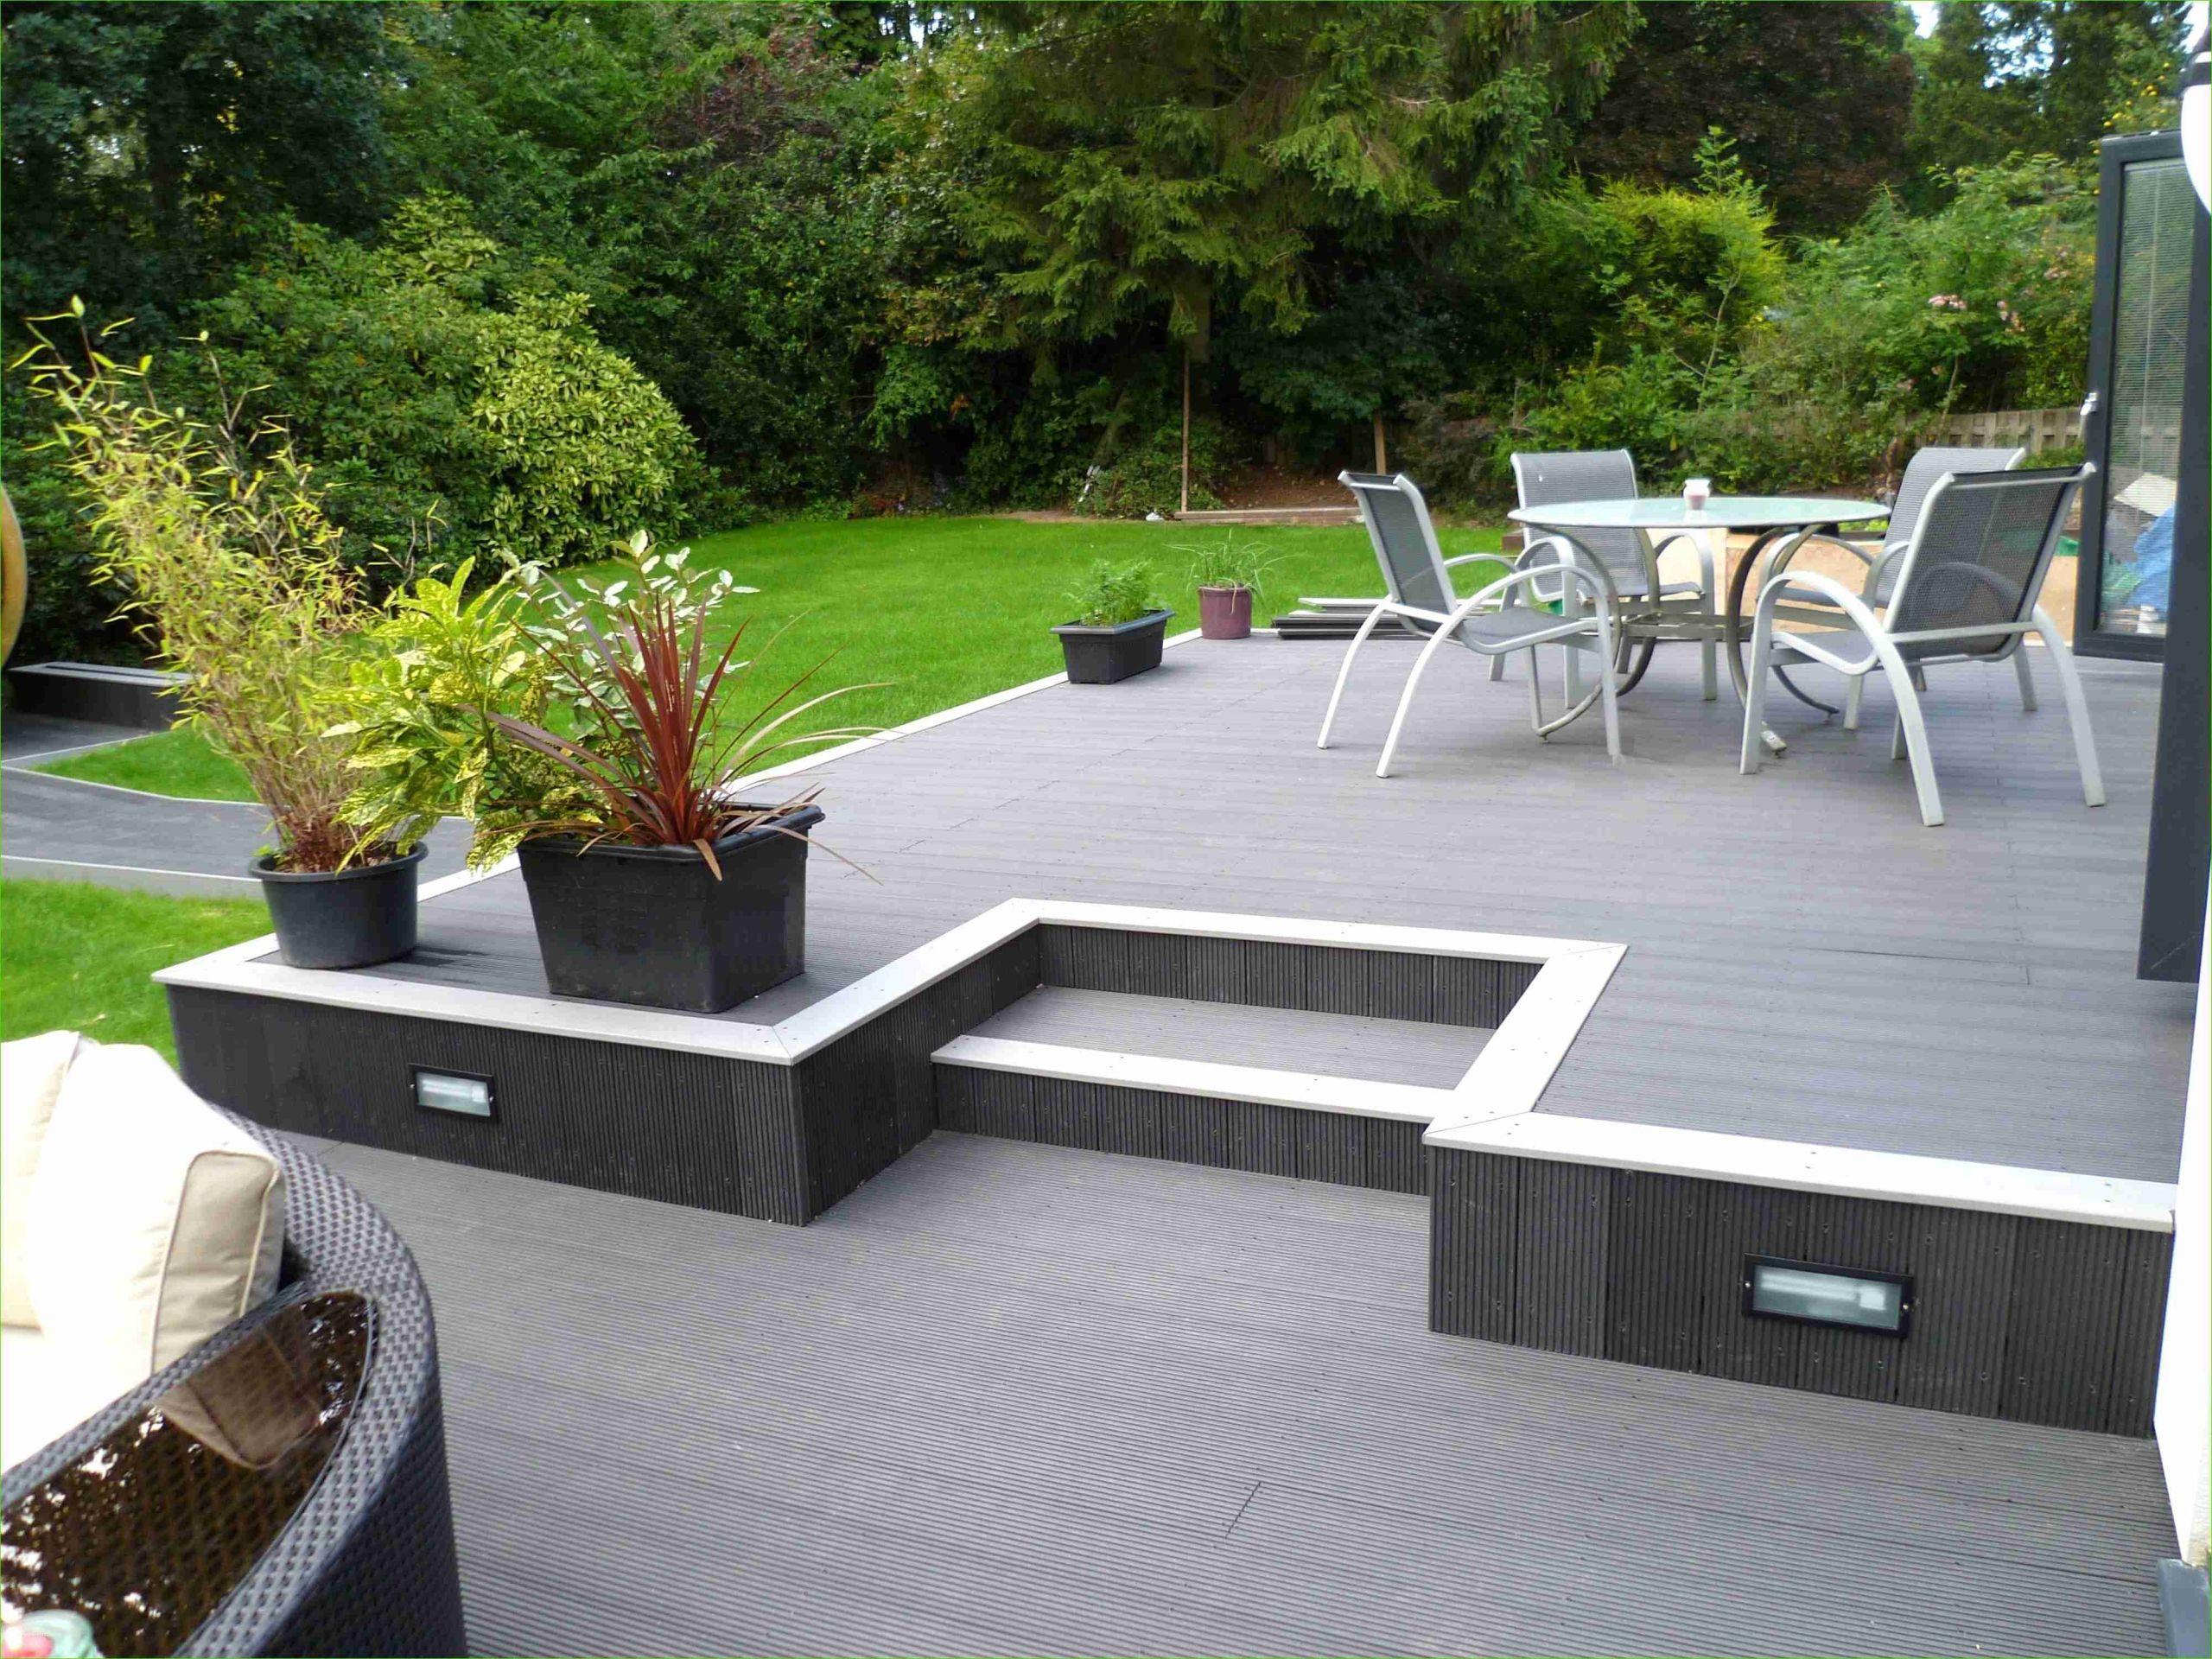 Metall Deko Für Garten Luxus Garten Mit Alten Sachen Dekorieren